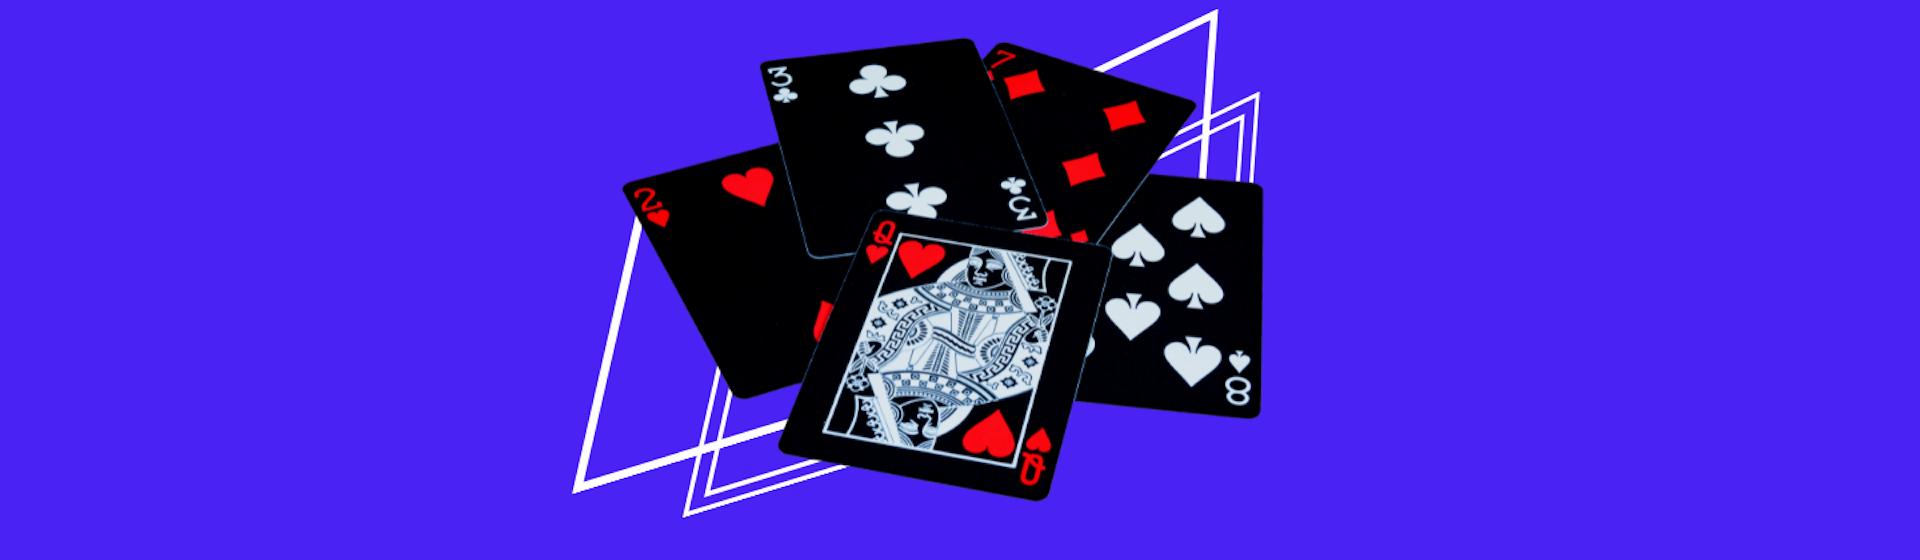 Domina las cartas de póker, ¡desde el as de diamantes hasta el rey de espadas!